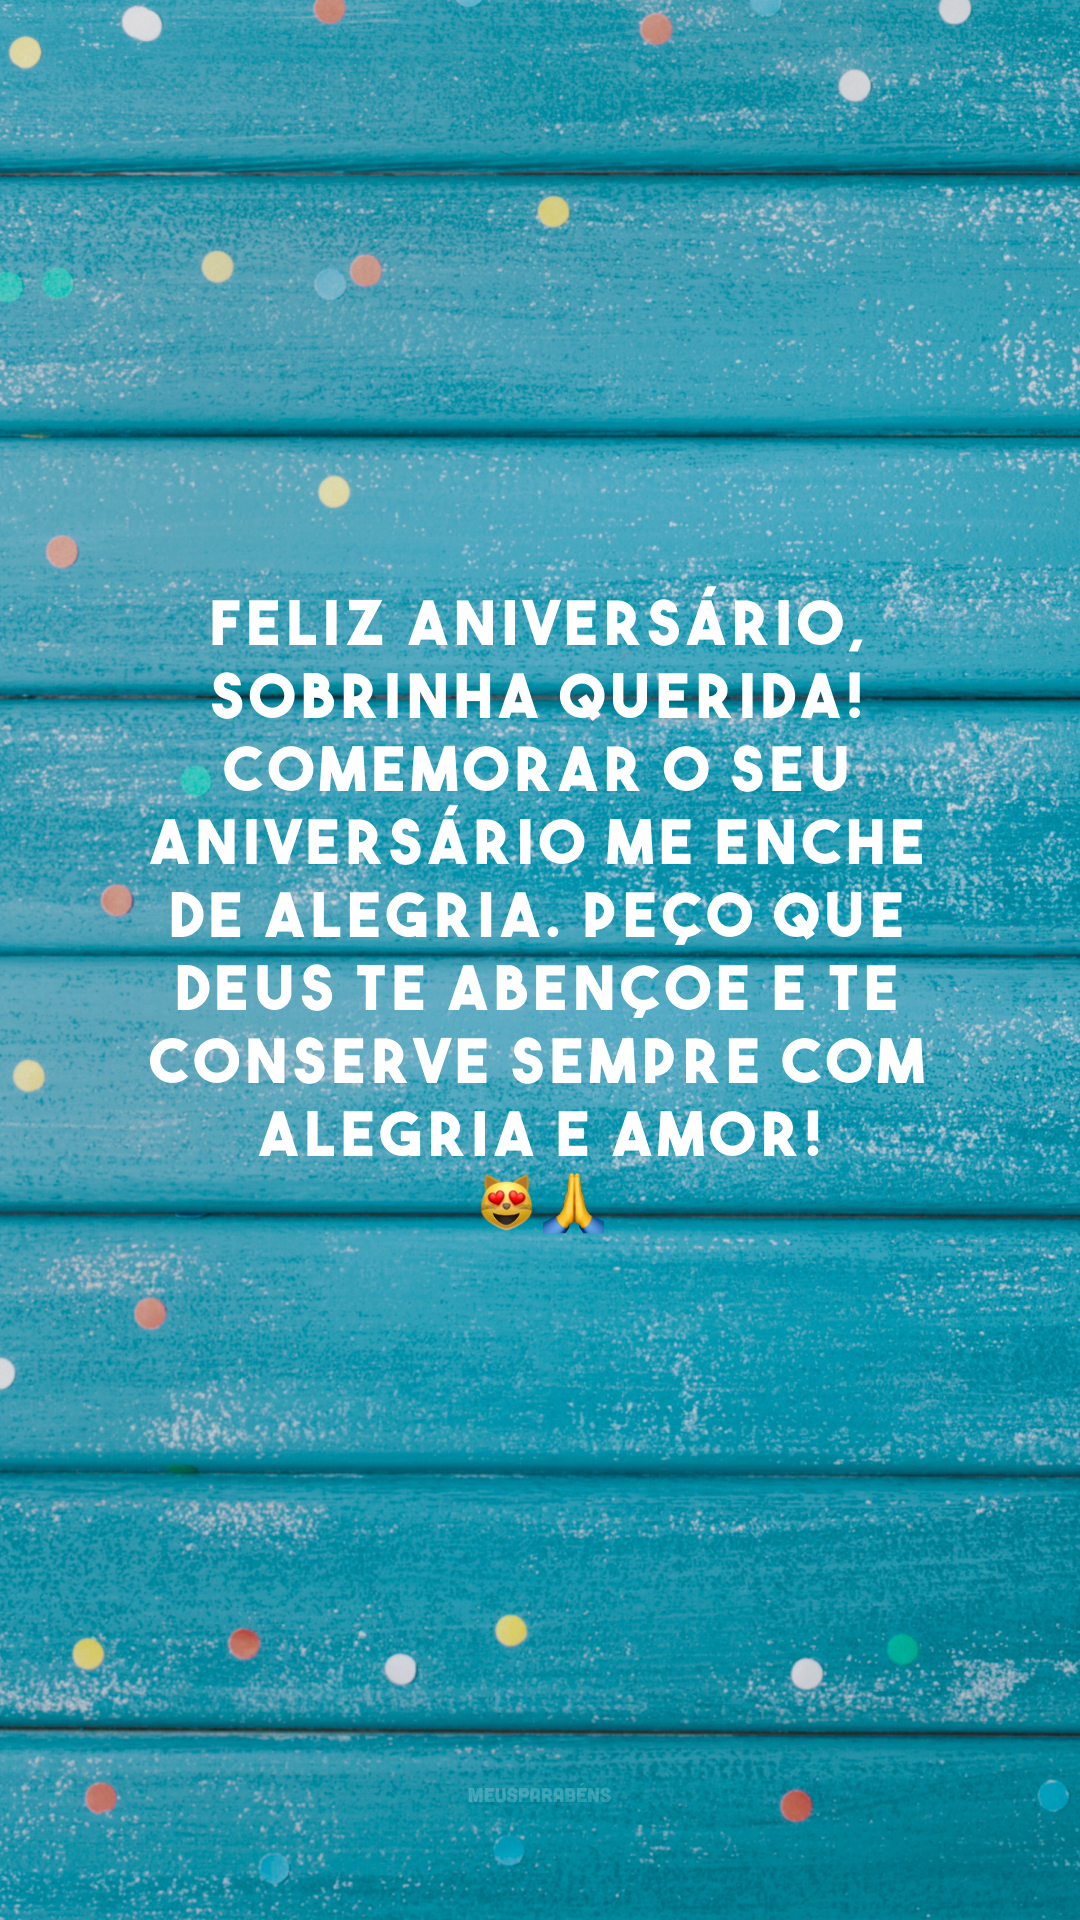 Feliz aniversário, sobrinha querida! Comemorar o seu aniversário me enche de alegria. Peço que Deus te abençoe e te conserve sempre com alegria e amor! 😻🙏